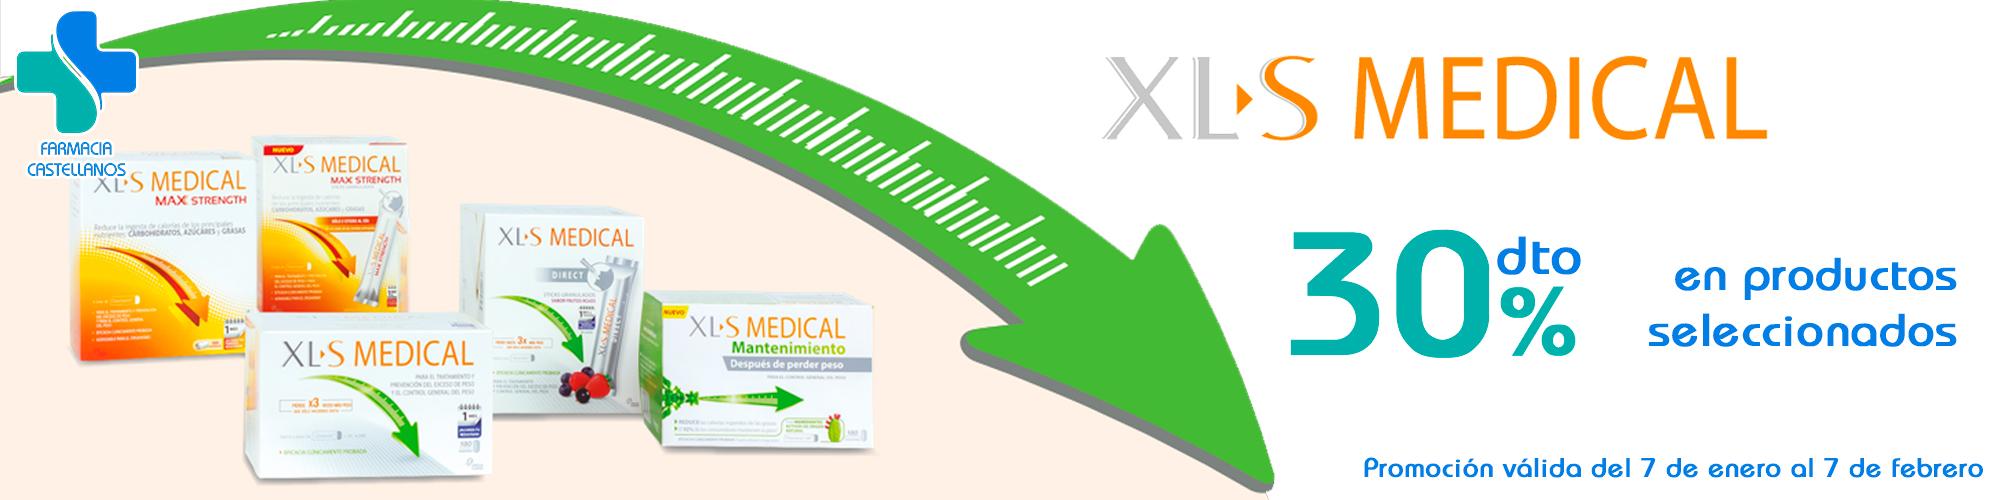 xls-medical-descuento-farmaciabeatrizcastellanos